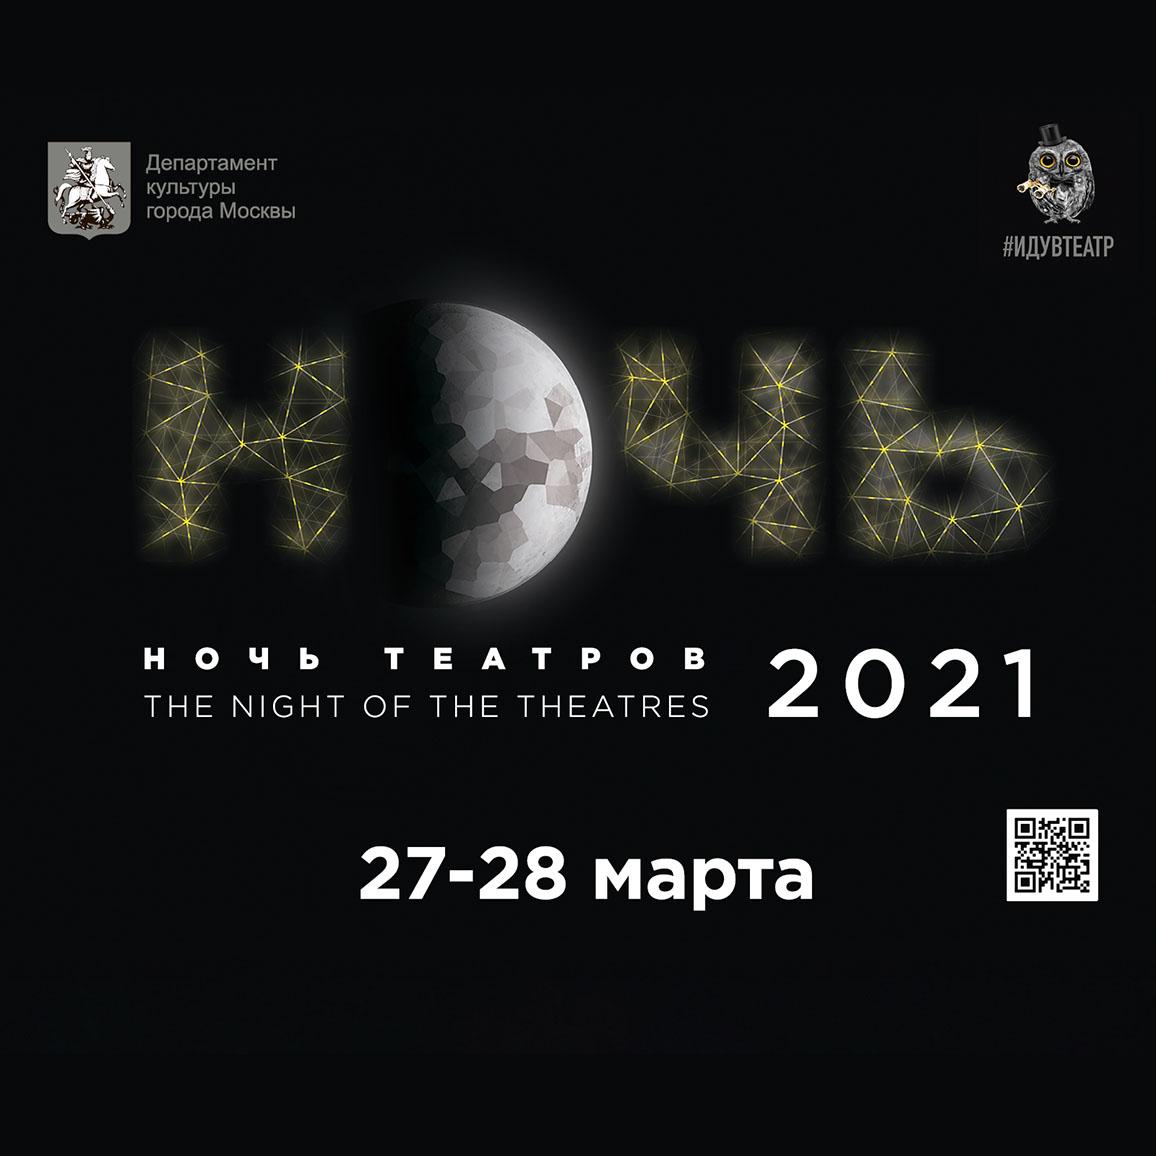 Ночь театров 2021